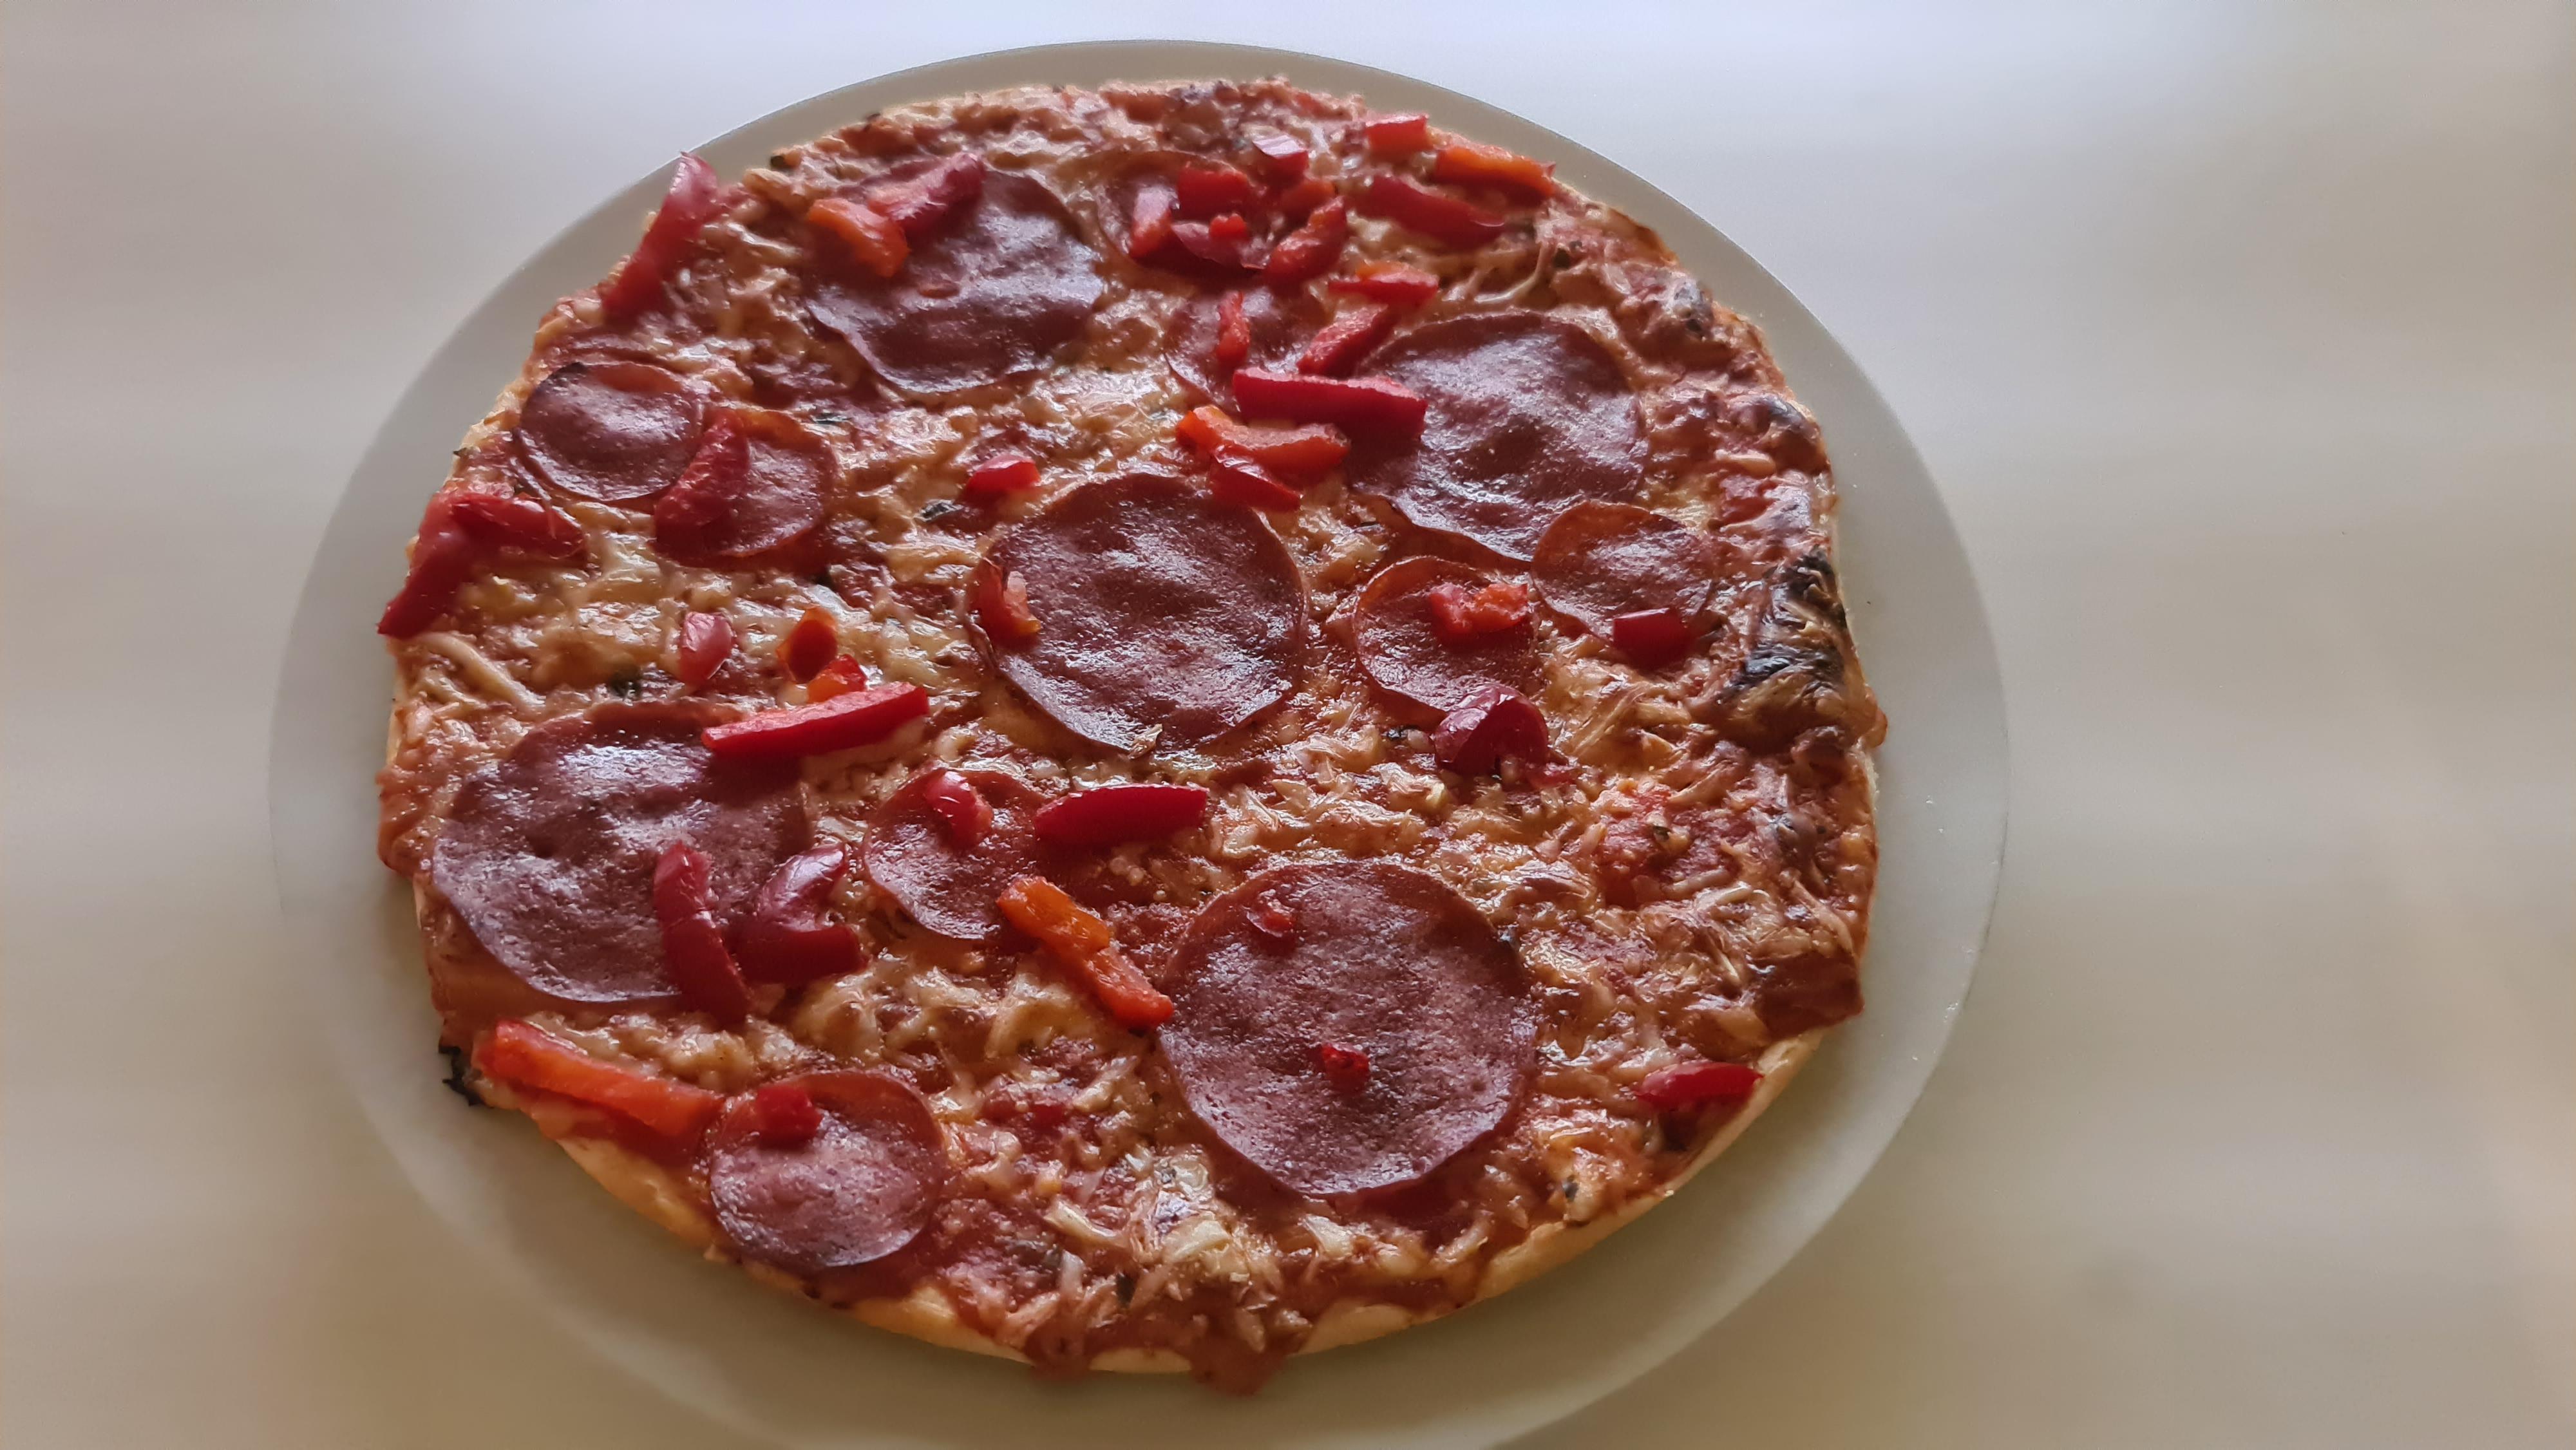 https://foodloader.net/Holz_2020-08-25_Pizza.jpg